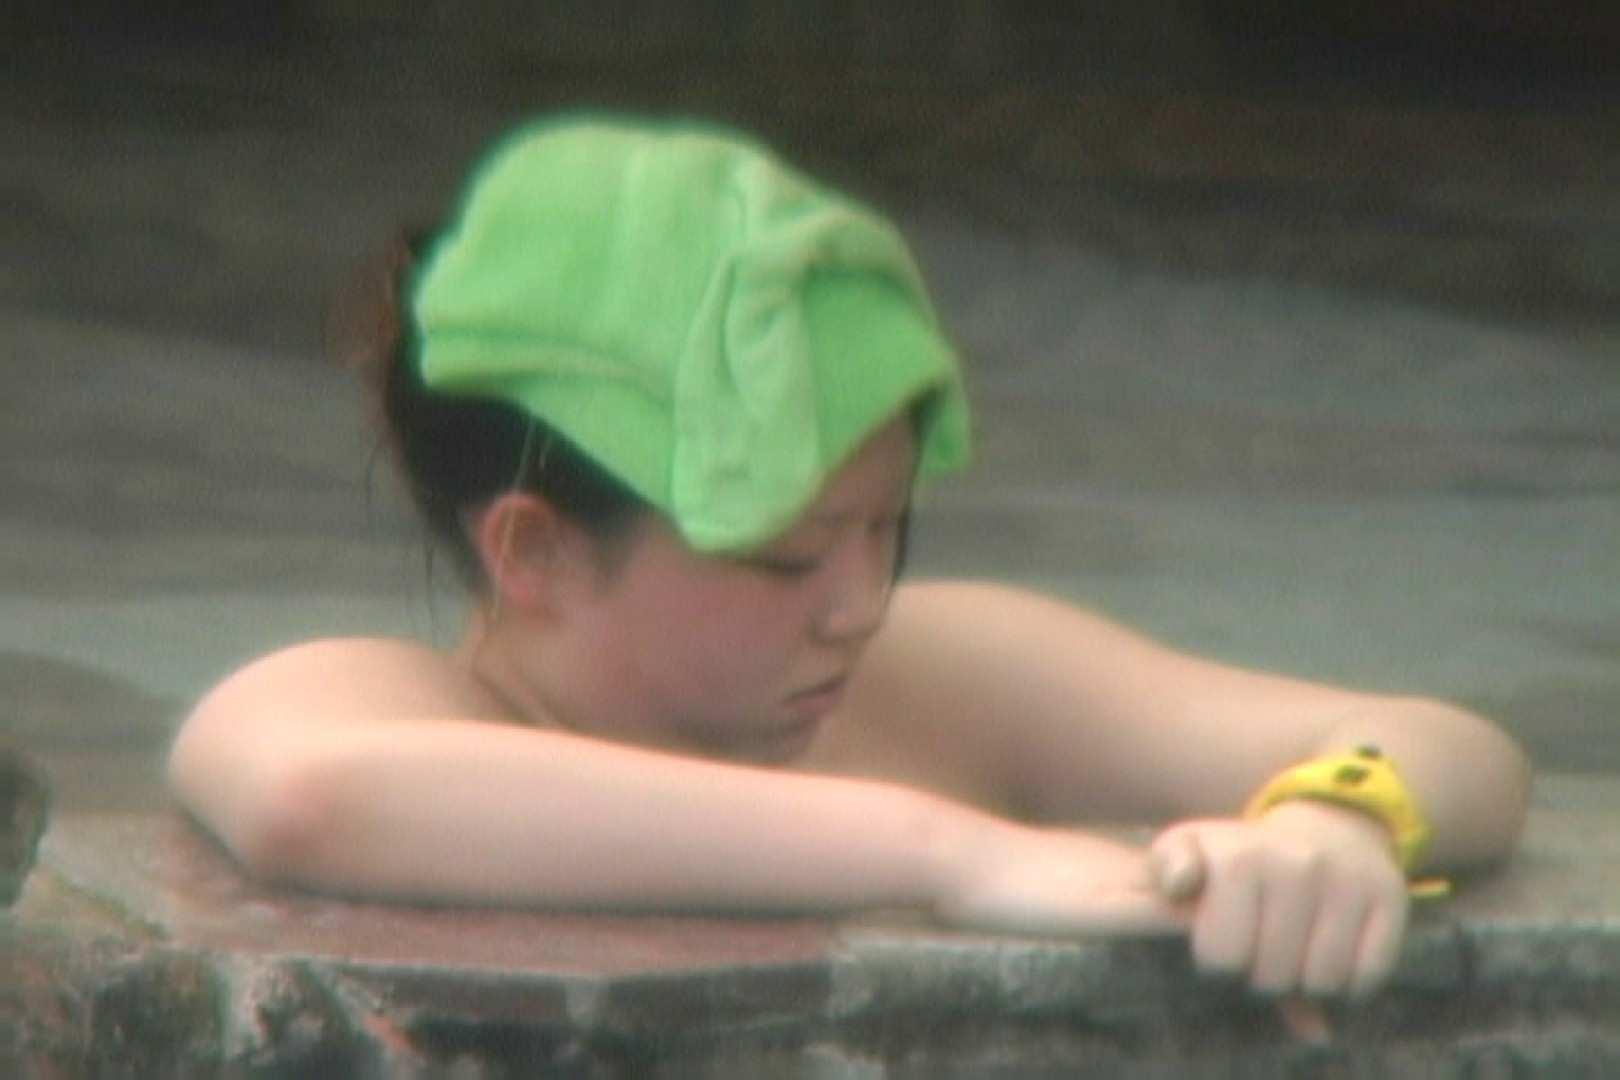 Aquaな露天風呂Vol.563 盗撮  92画像 18